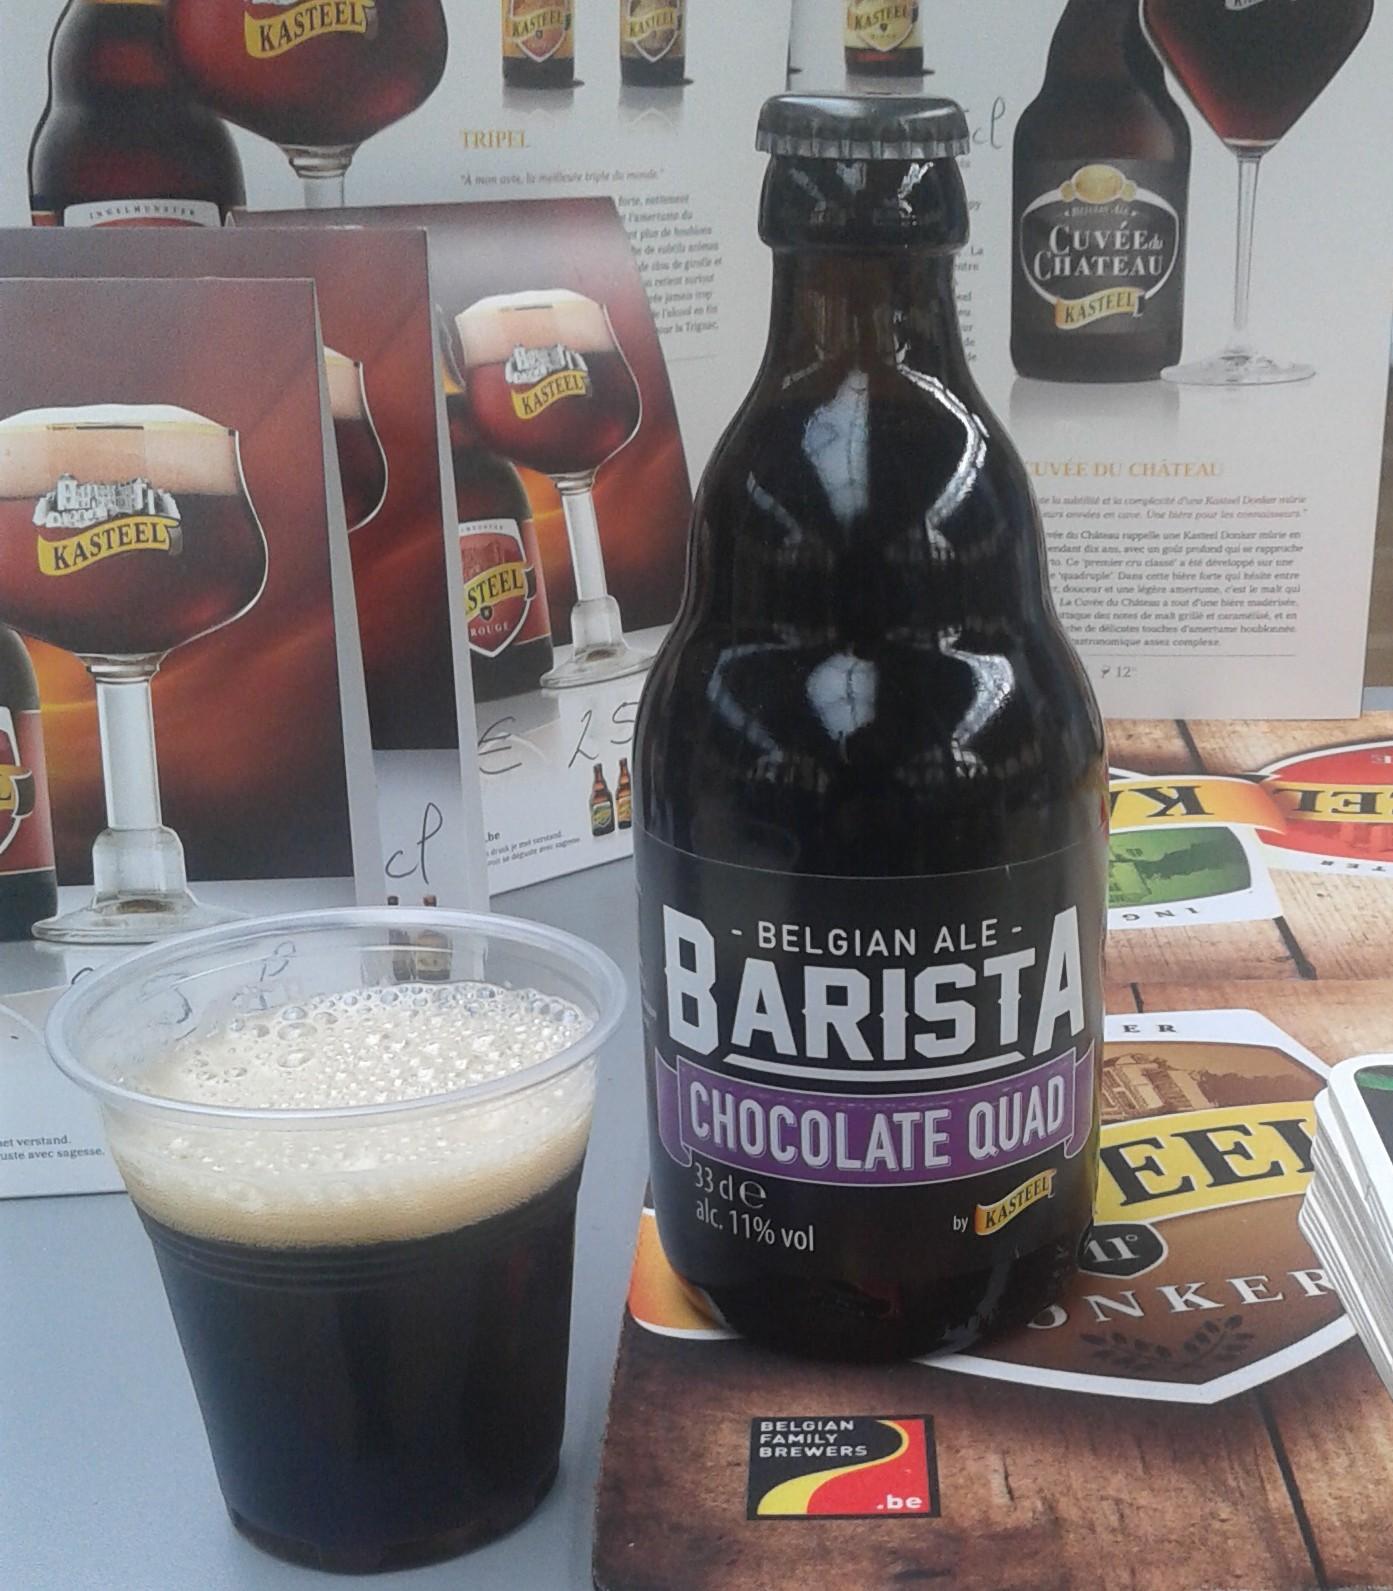 Barista chocolate-quad